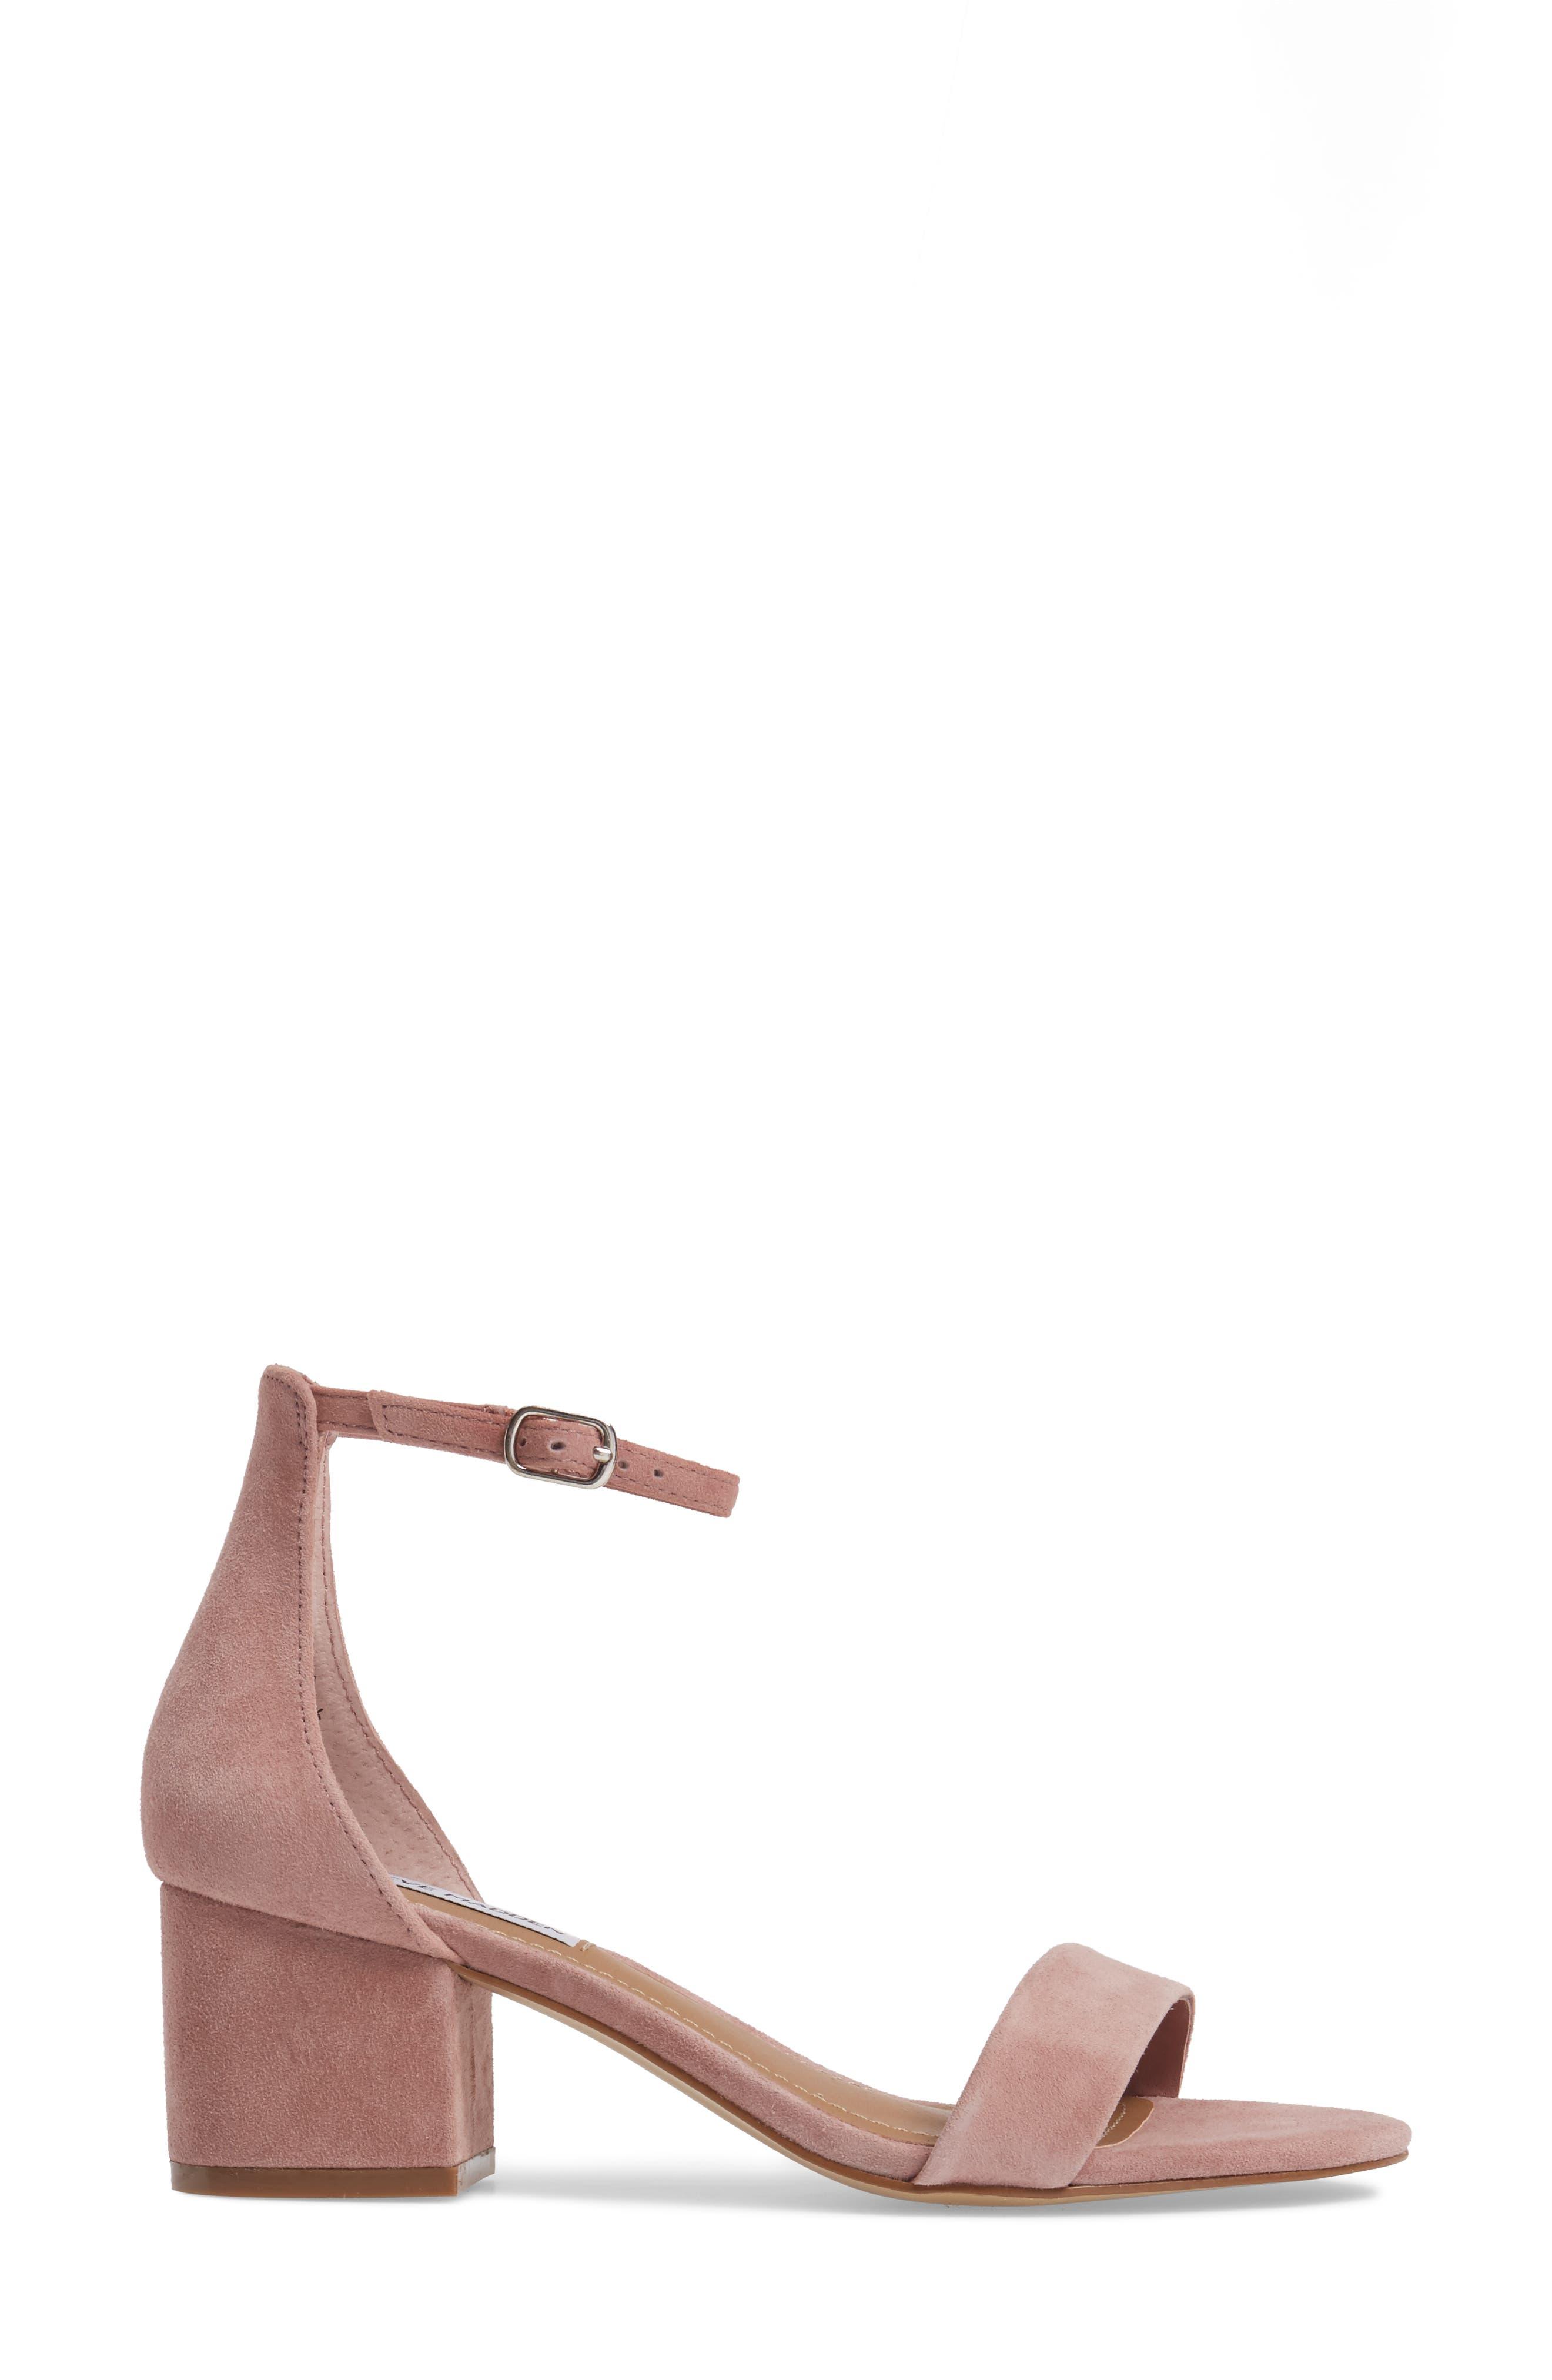 Irenee Ankle Strap Sandal,                             Alternate thumbnail 67, color,